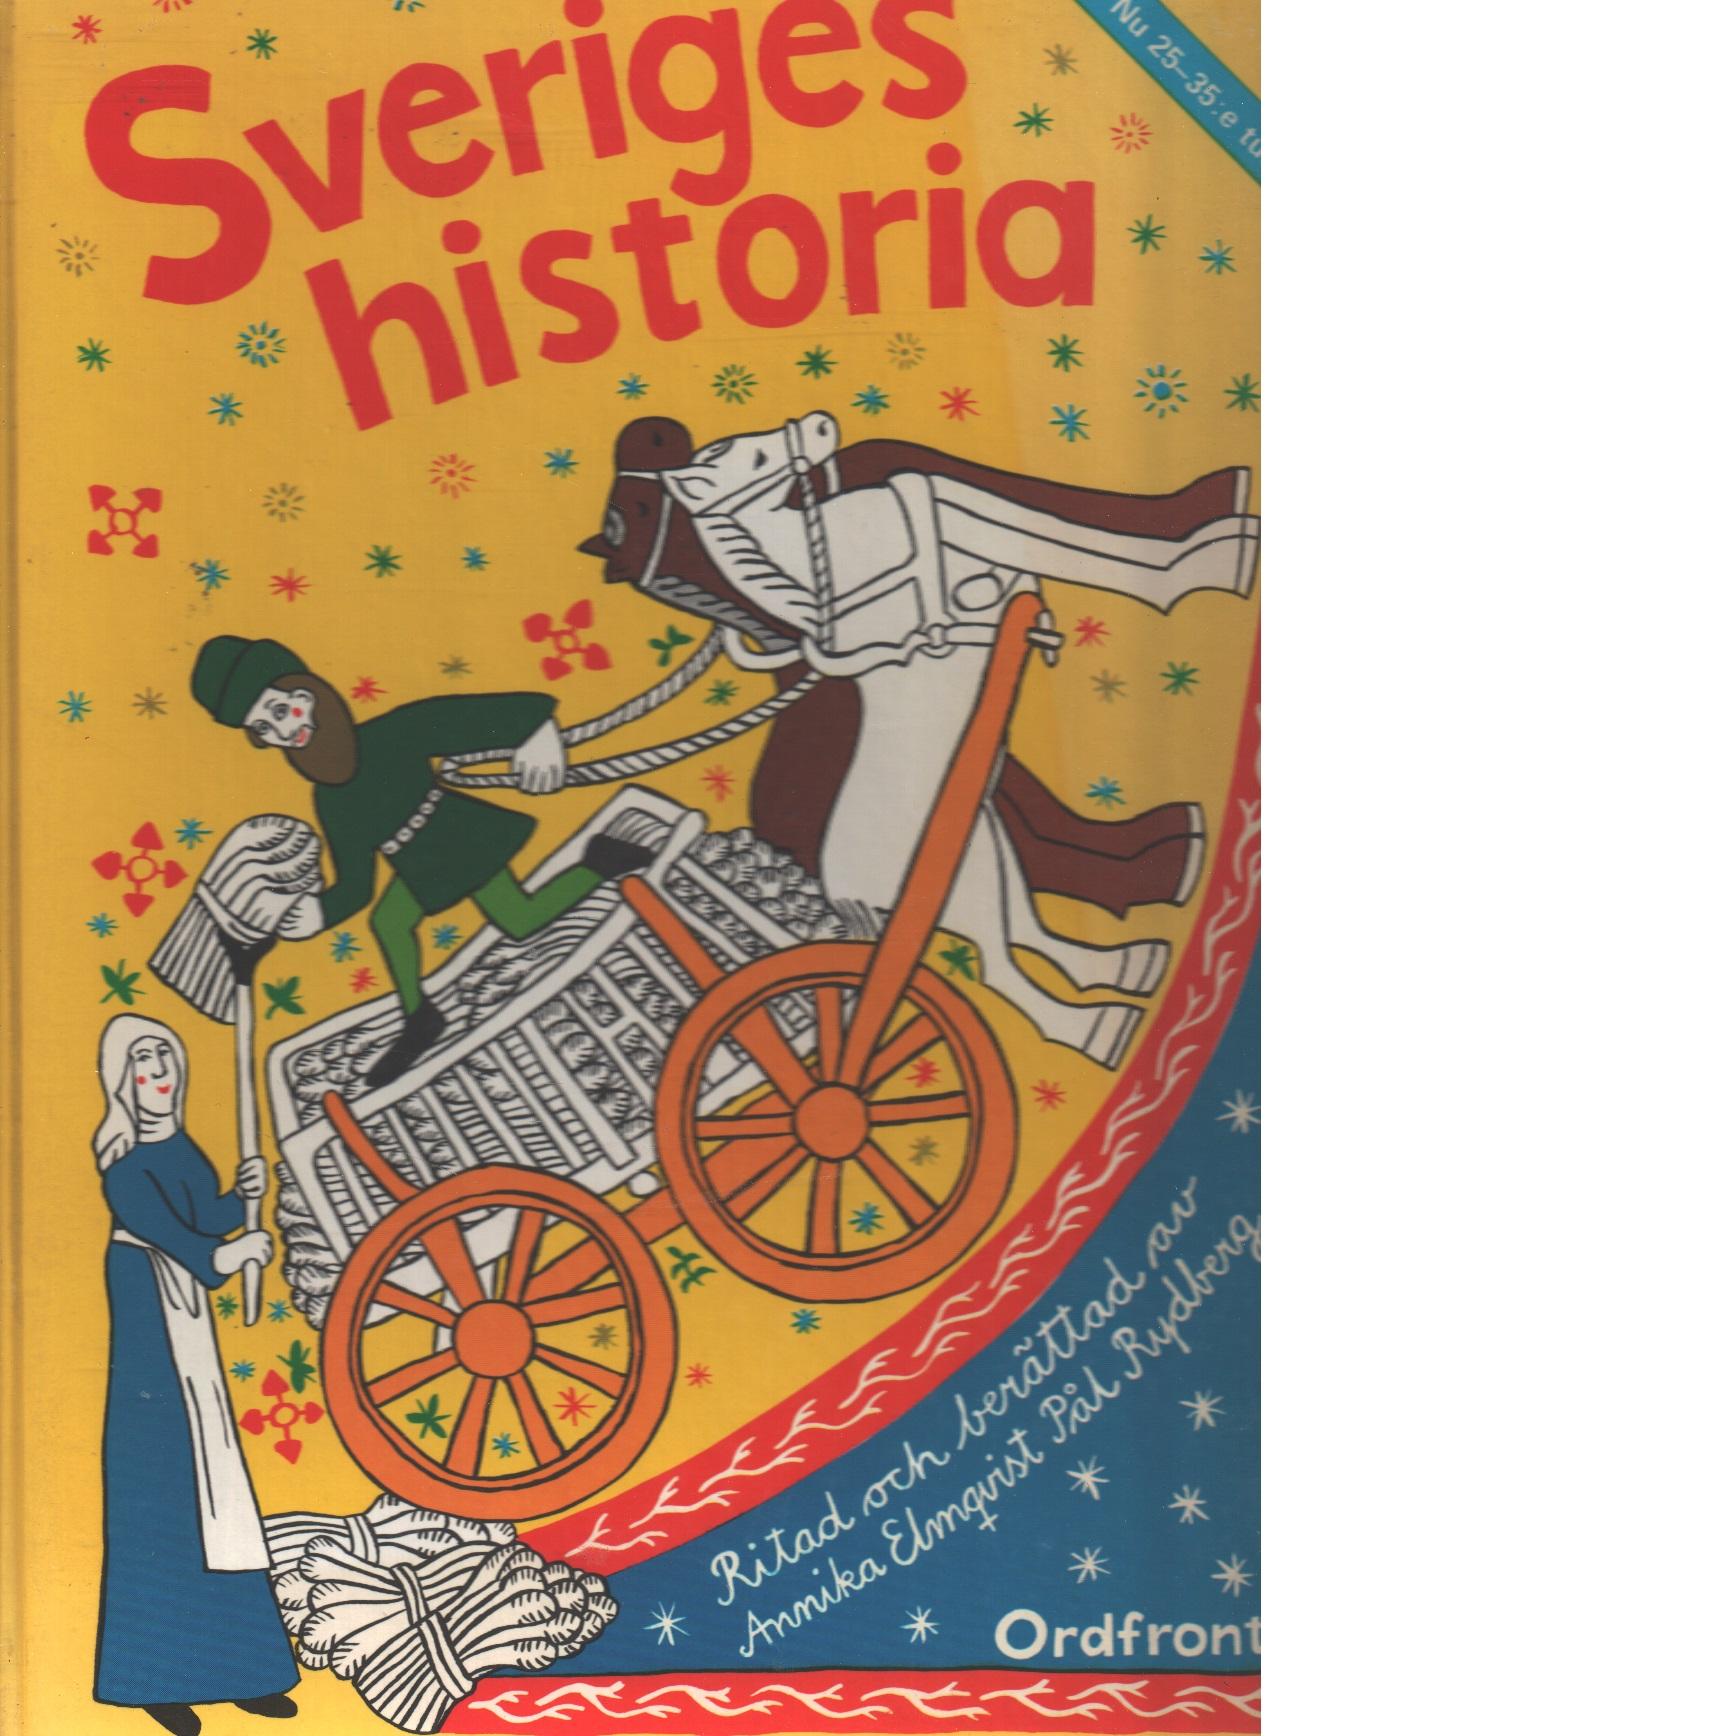 Sveriges historia : från stenålder till storindustri - Elmqvist, Annika och Rydberg, Pål